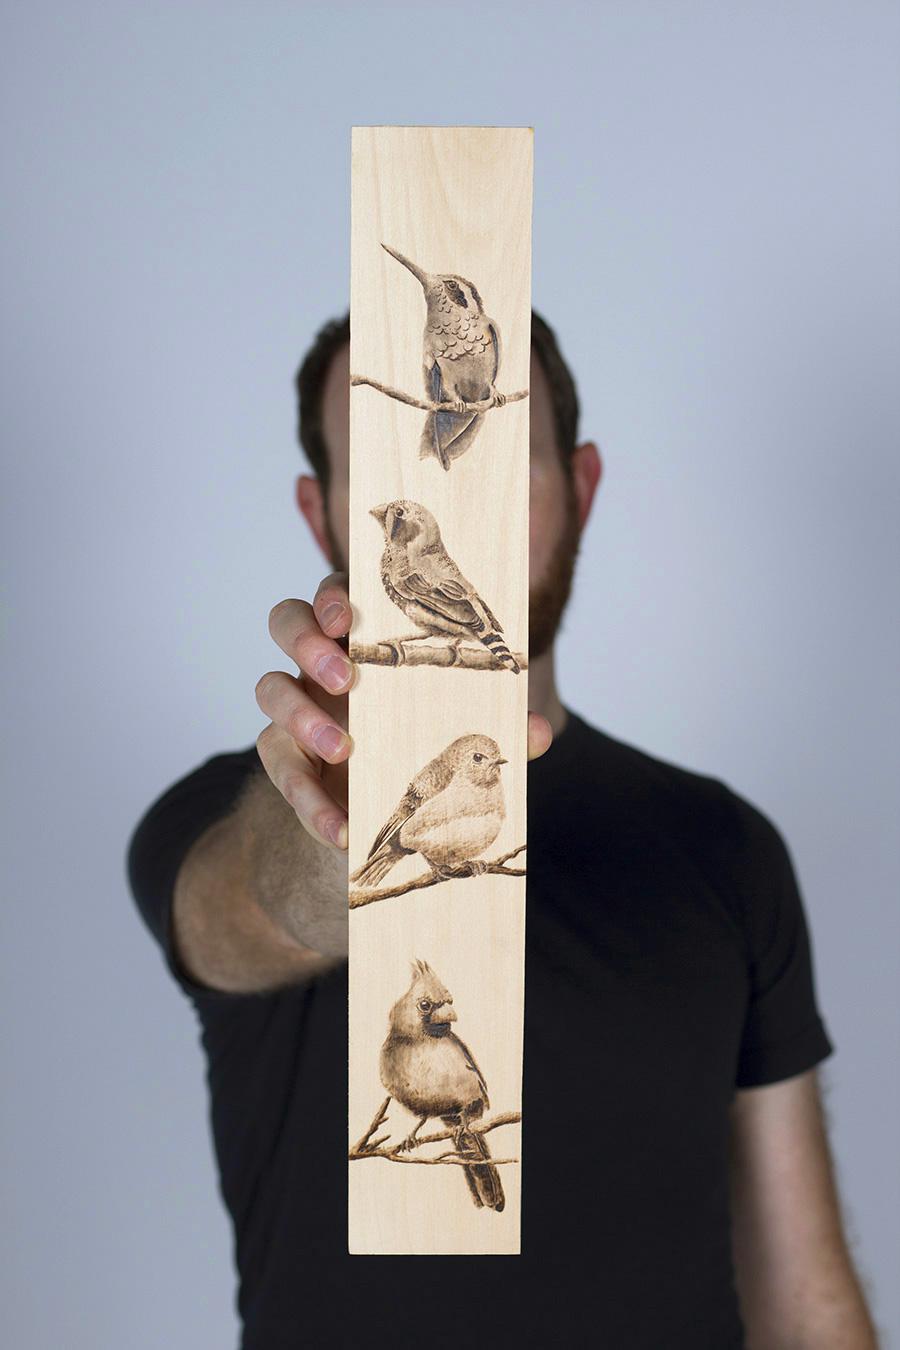 Bird-Panel-Held-Up_Copy